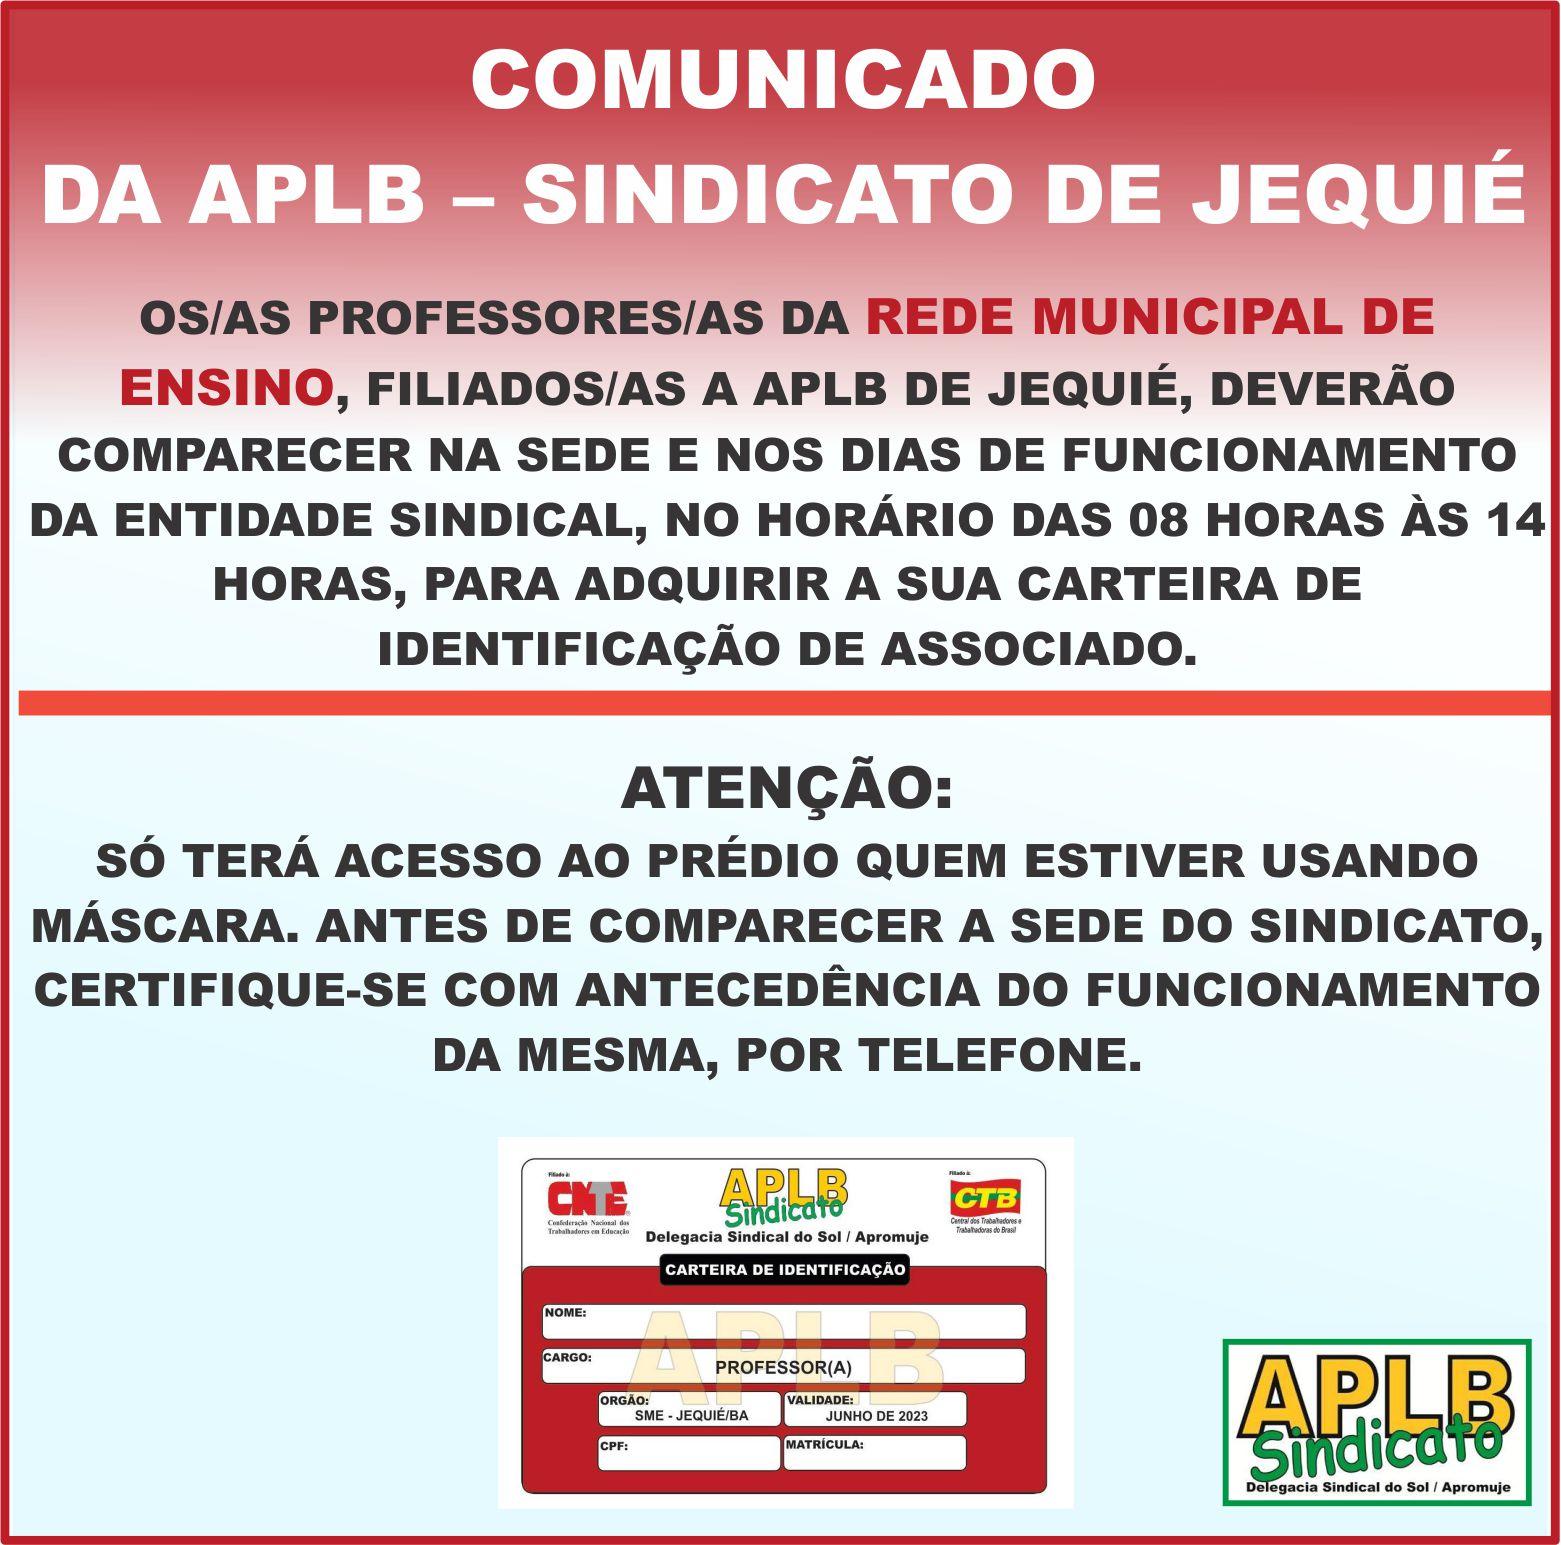 COMUNICADO DA APLB SINDICATO DE JEQUIÉ SOBRE A CARTEIRA DE IDENTIFICAÇÃO DE ASSOCIADO.